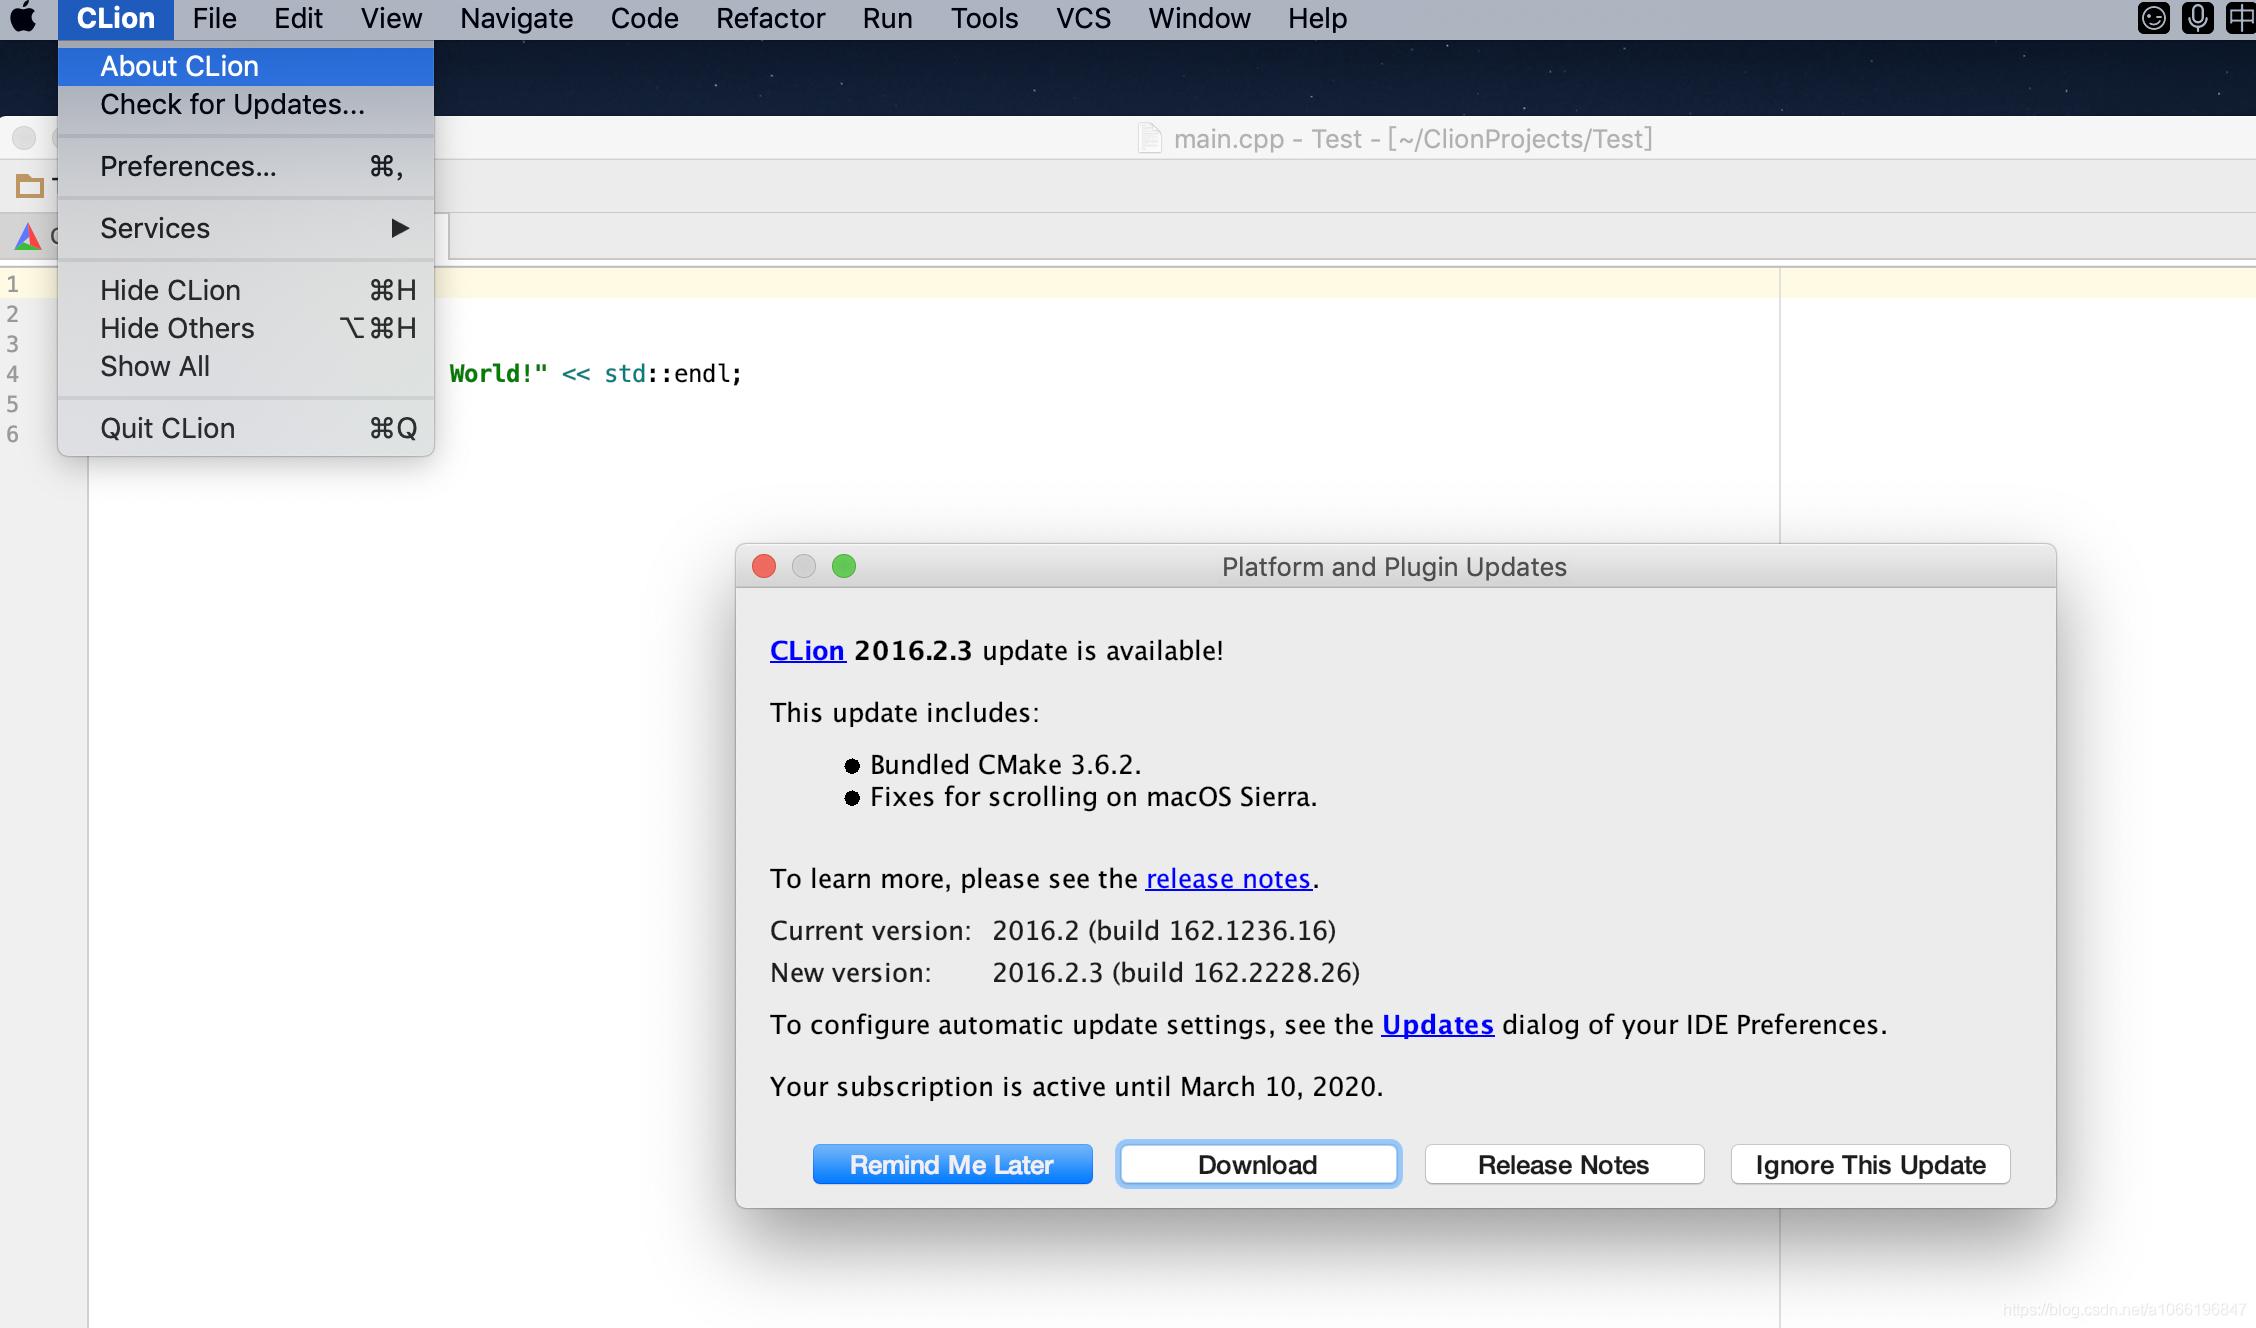 mpi第一站-mac\windows下安装配置clion - 1066196847的博客- CSDN博客